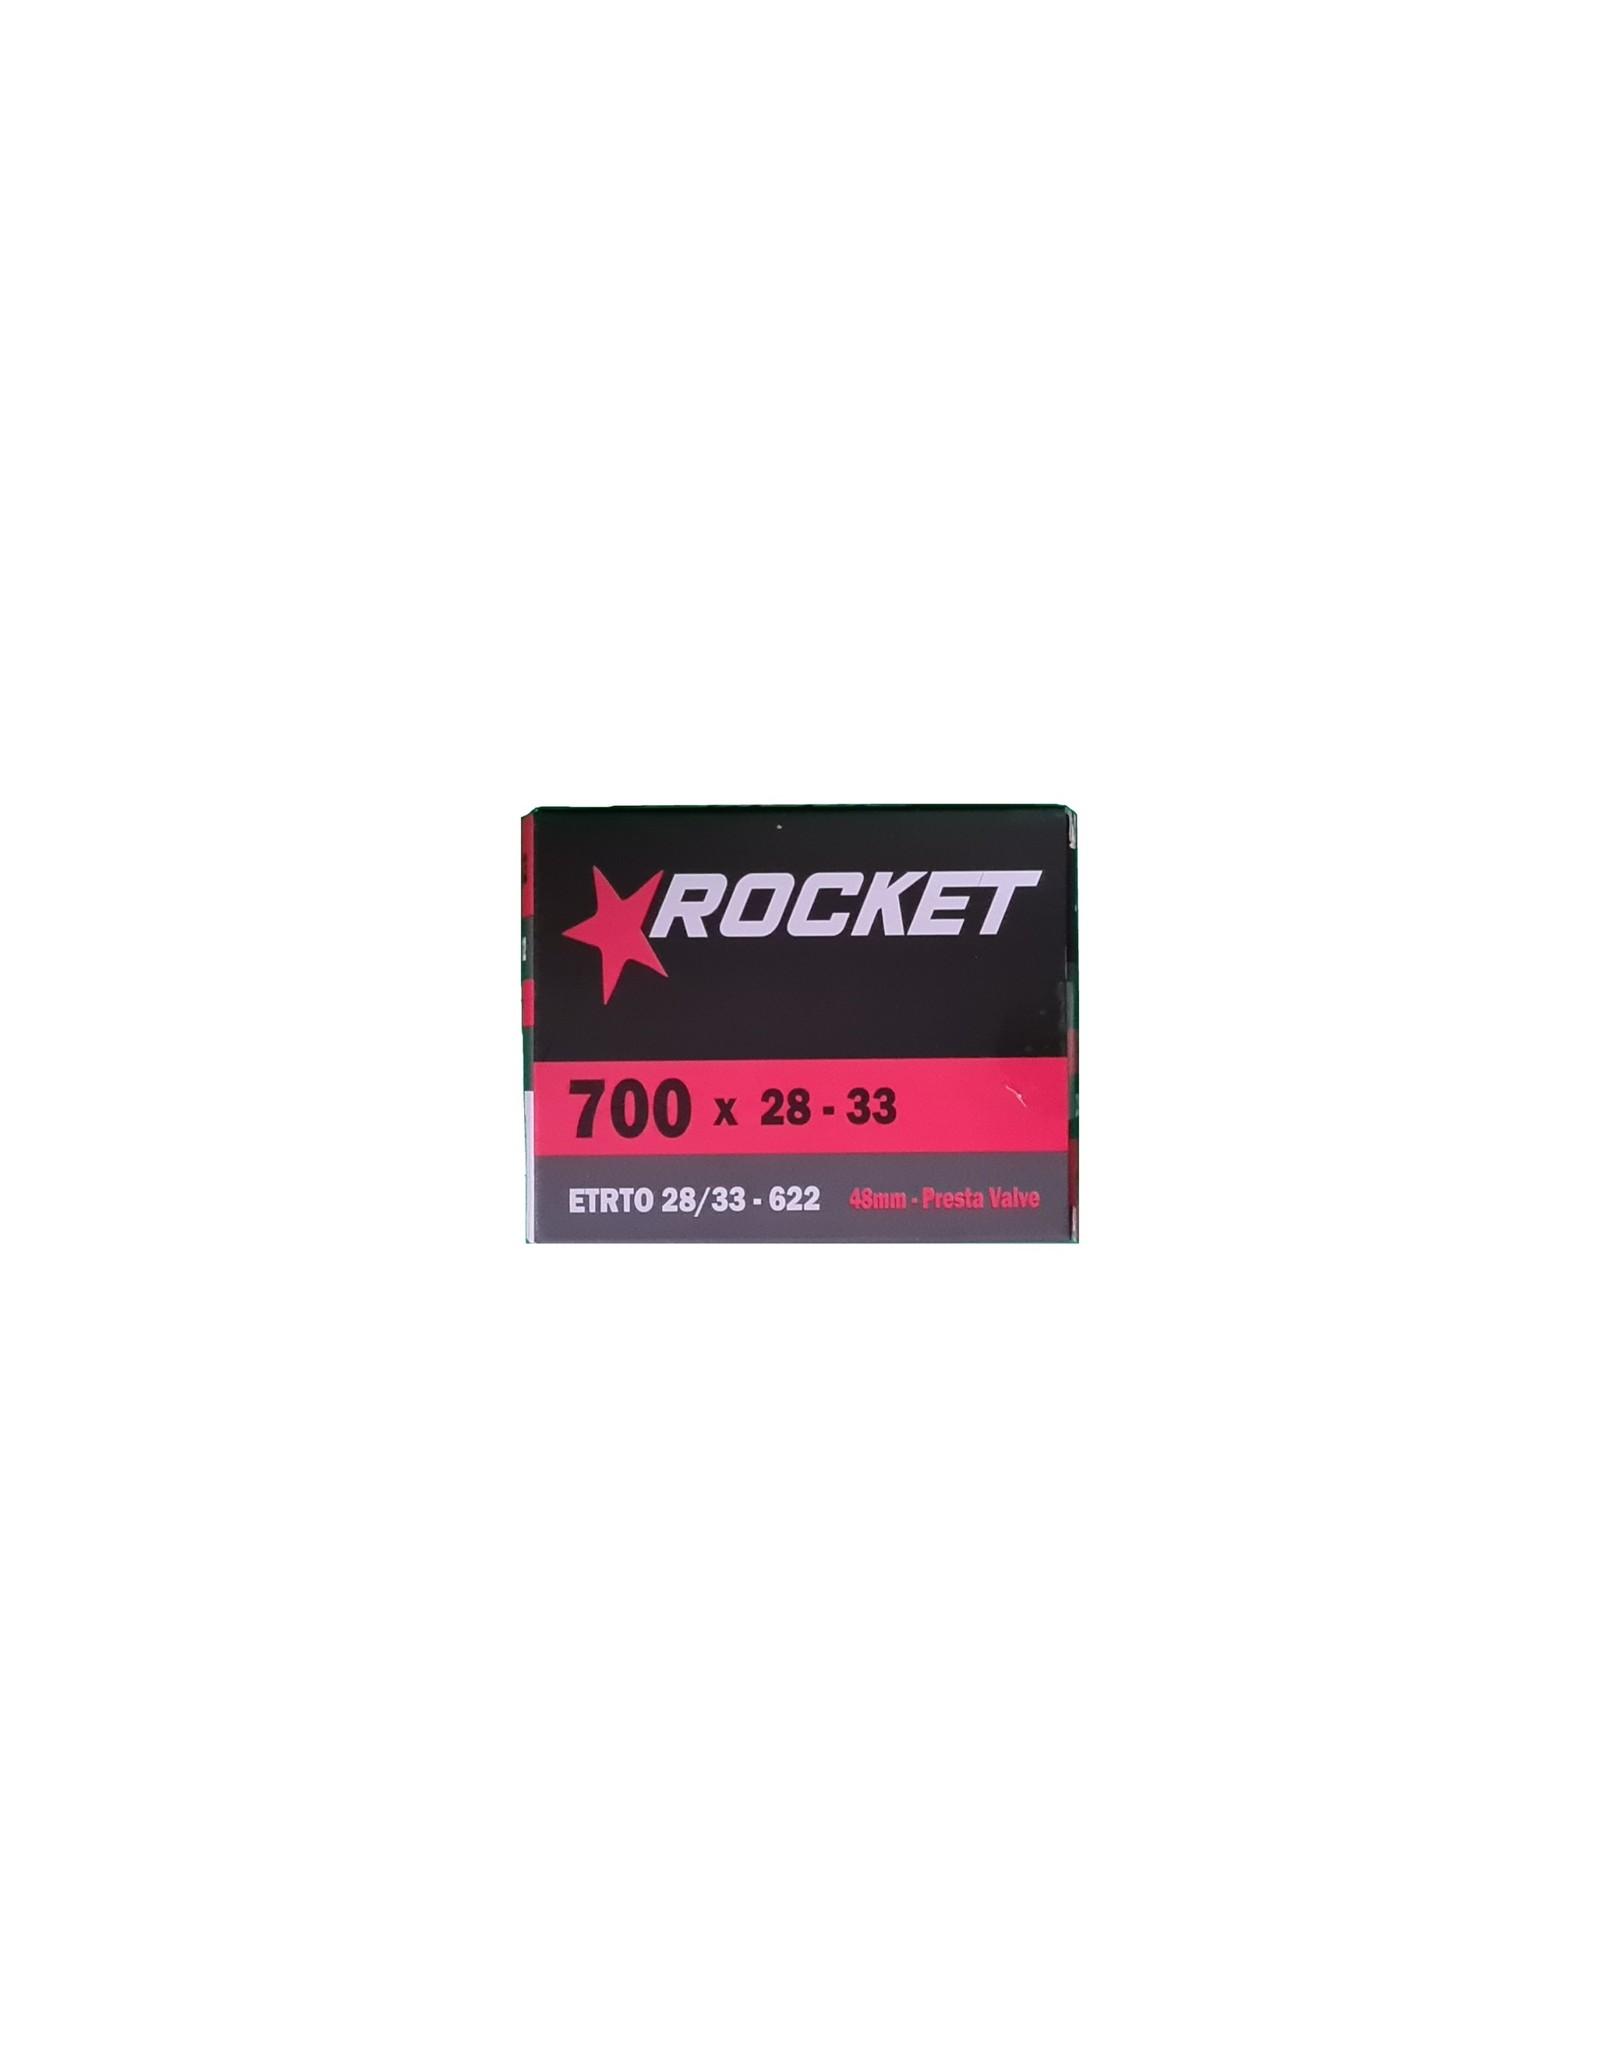 Rocket Butyl Inner Tube 700c x 28-33mm Presta Valve 48mm